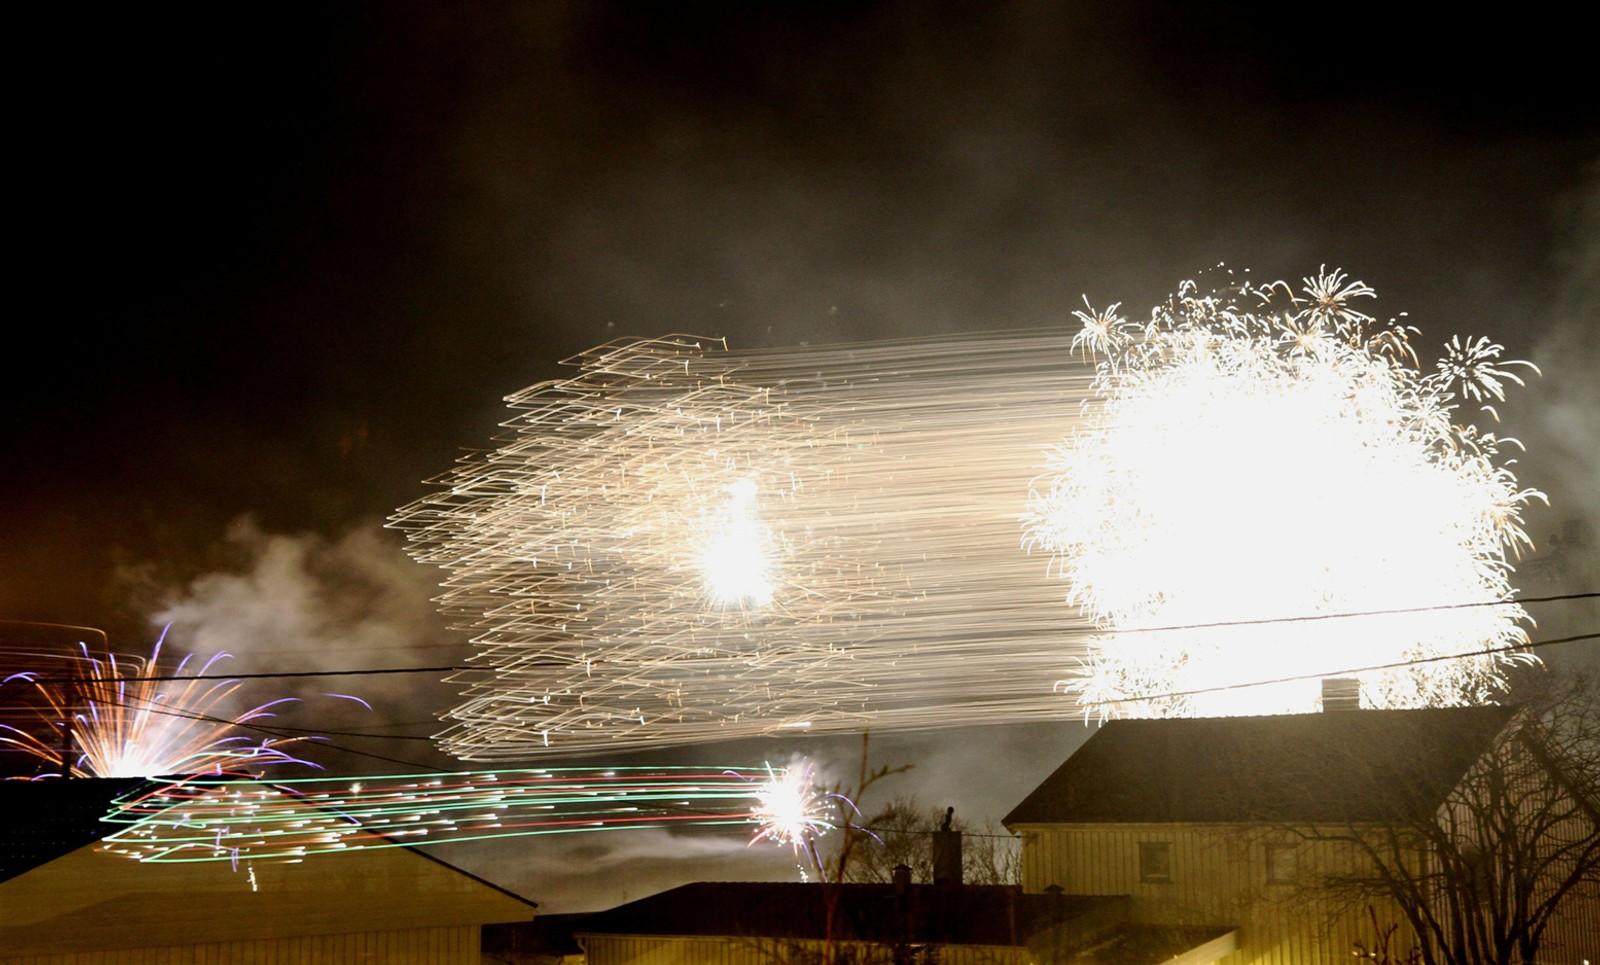 Nyttårsfyrverkeri over Åsen sentrum